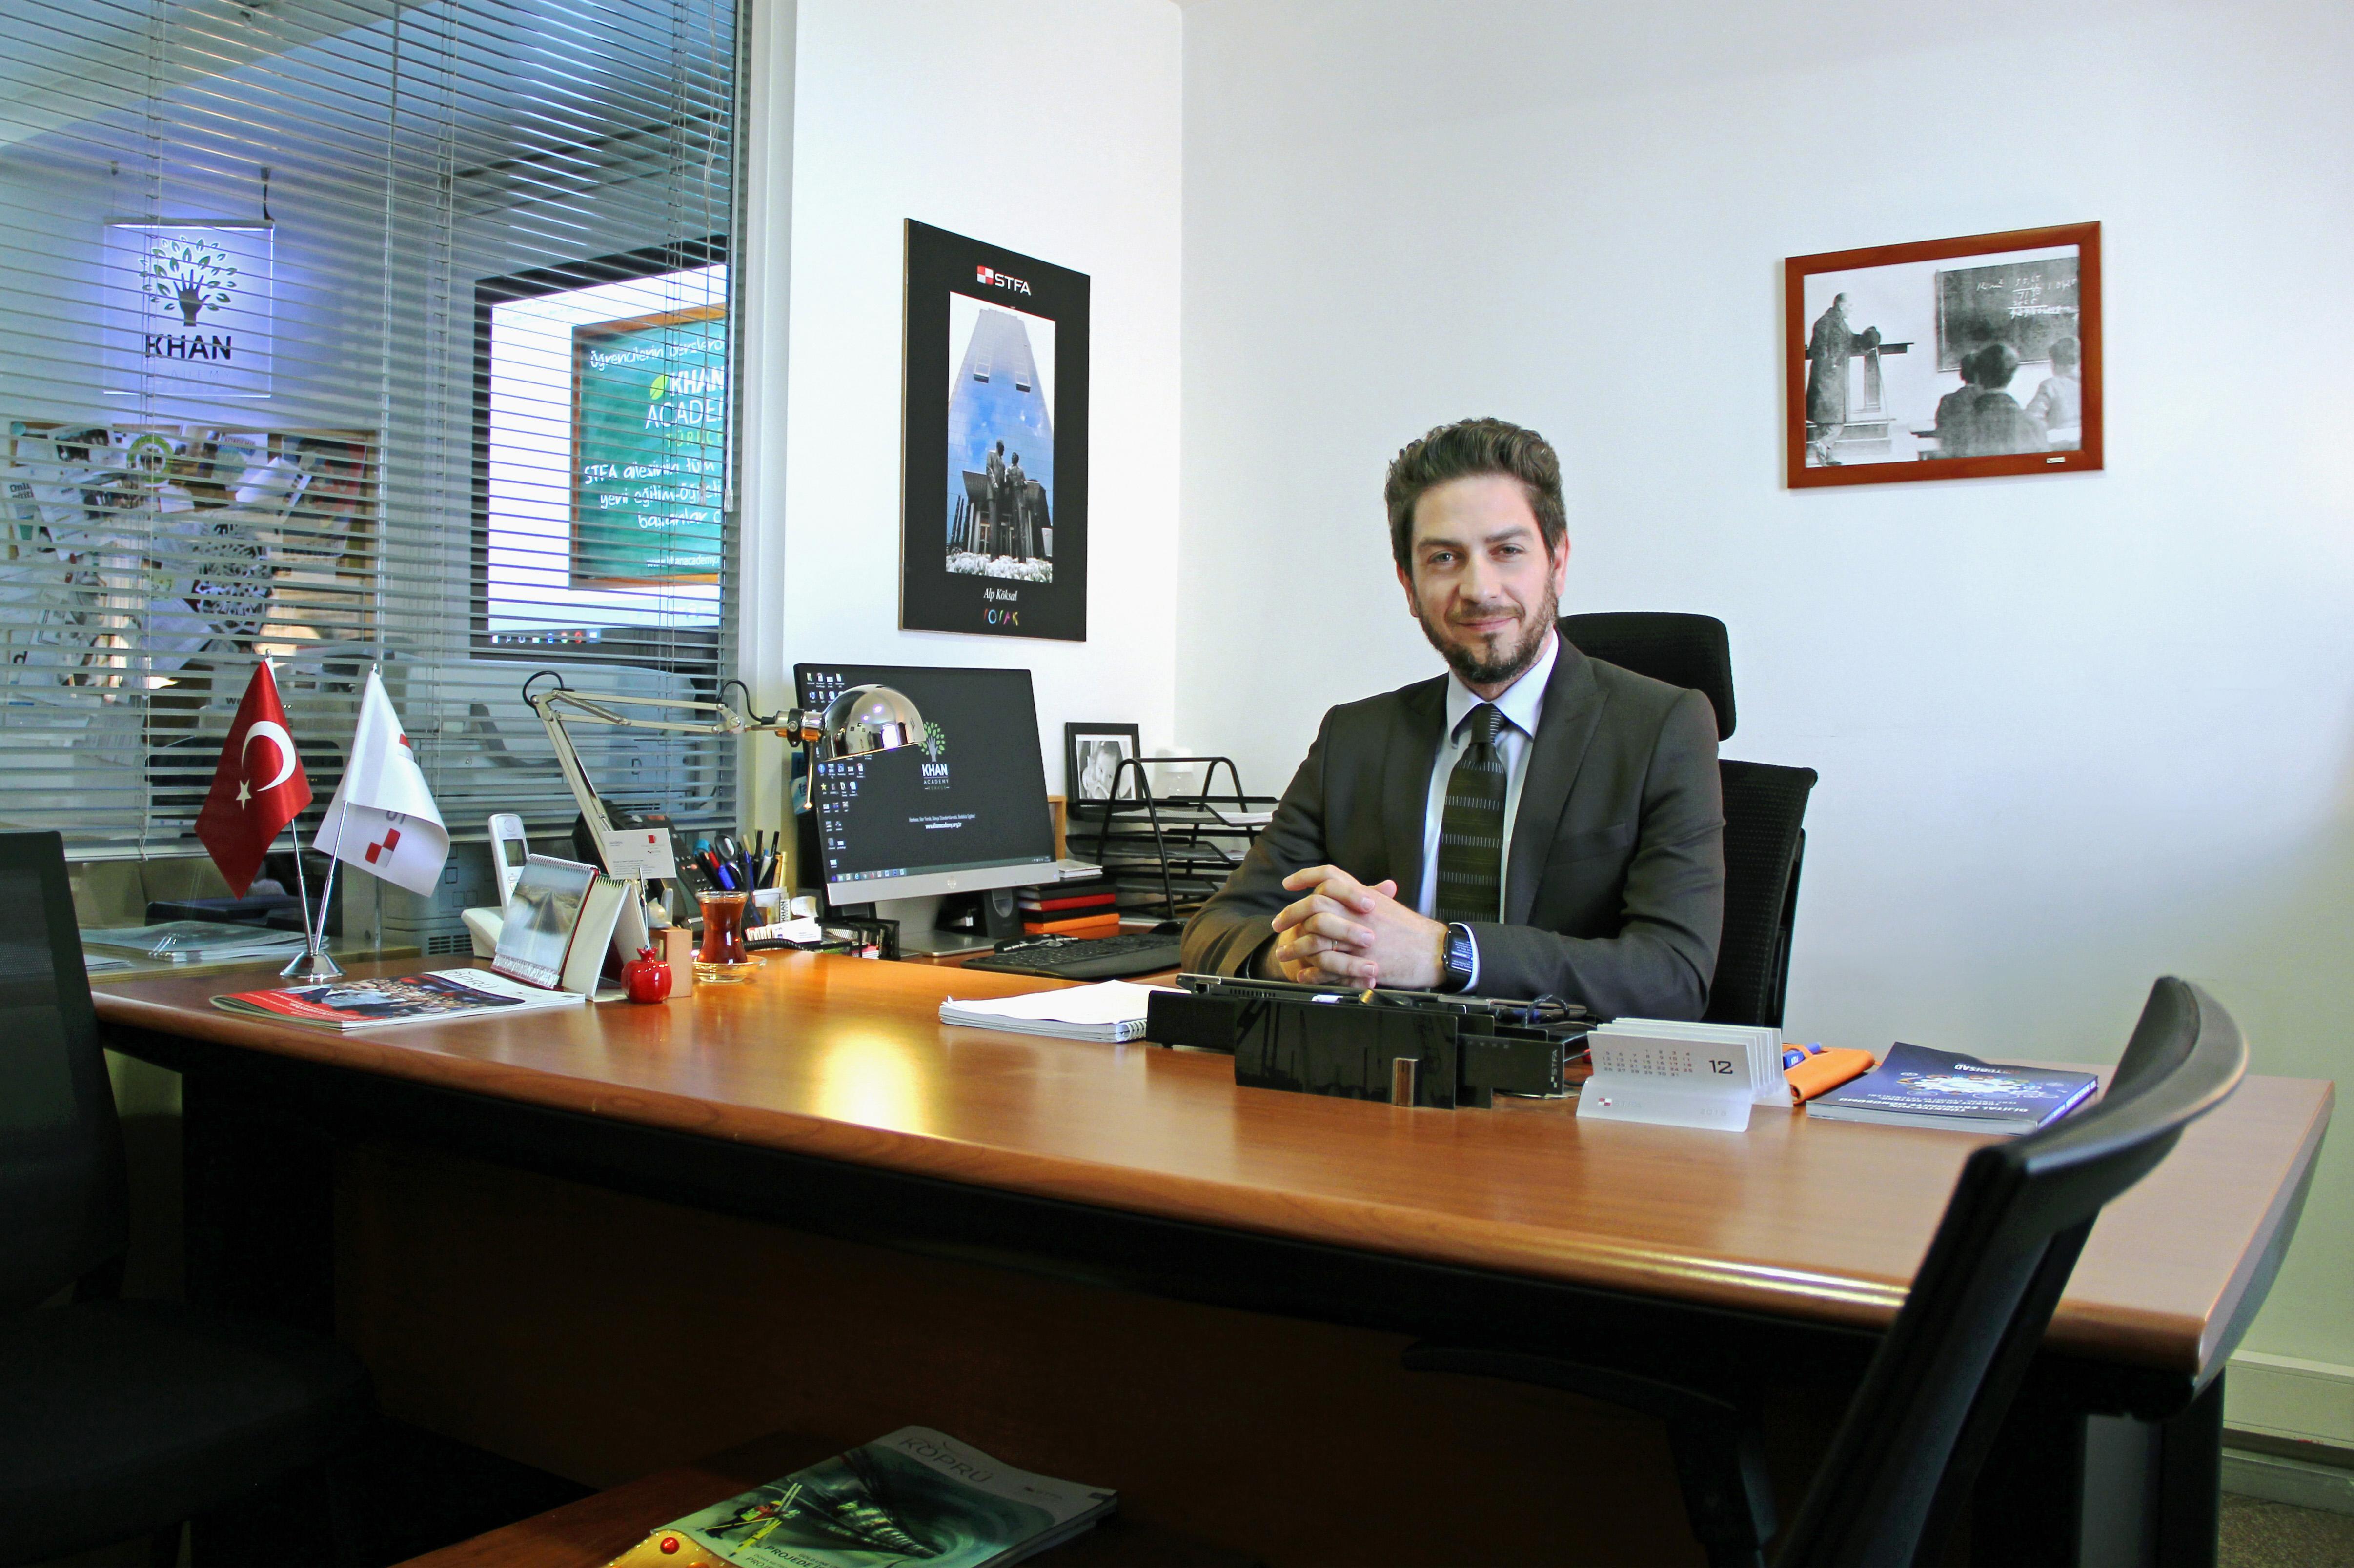 Alp Köksal STFA Eğitim STK Yönetici